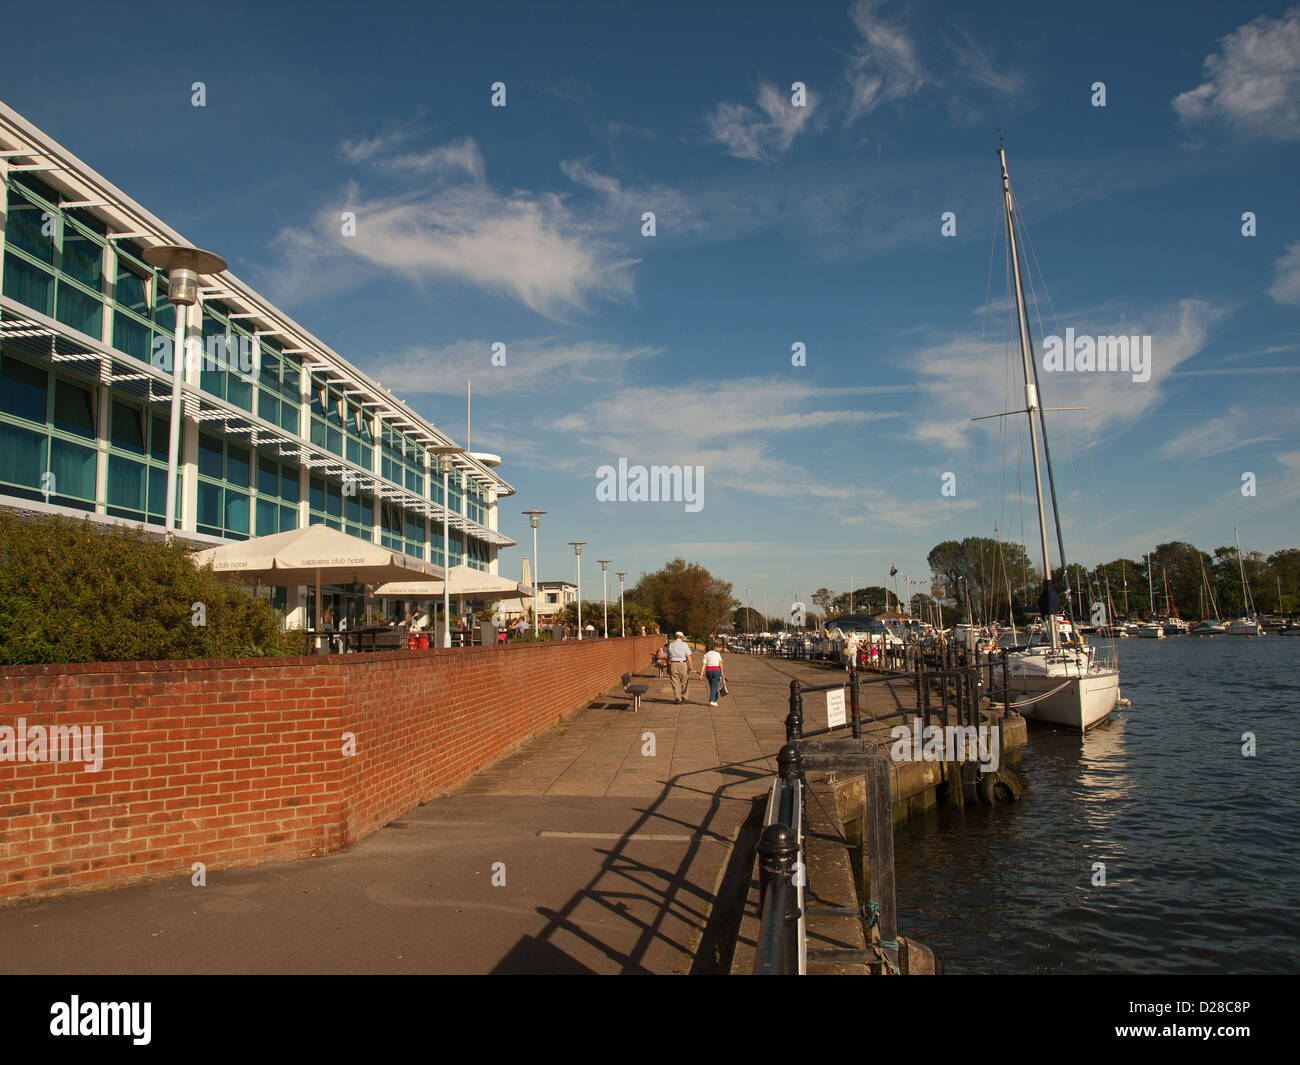 Captains Club Hotel Christchurch Quay Dorset England UK - Stock Image